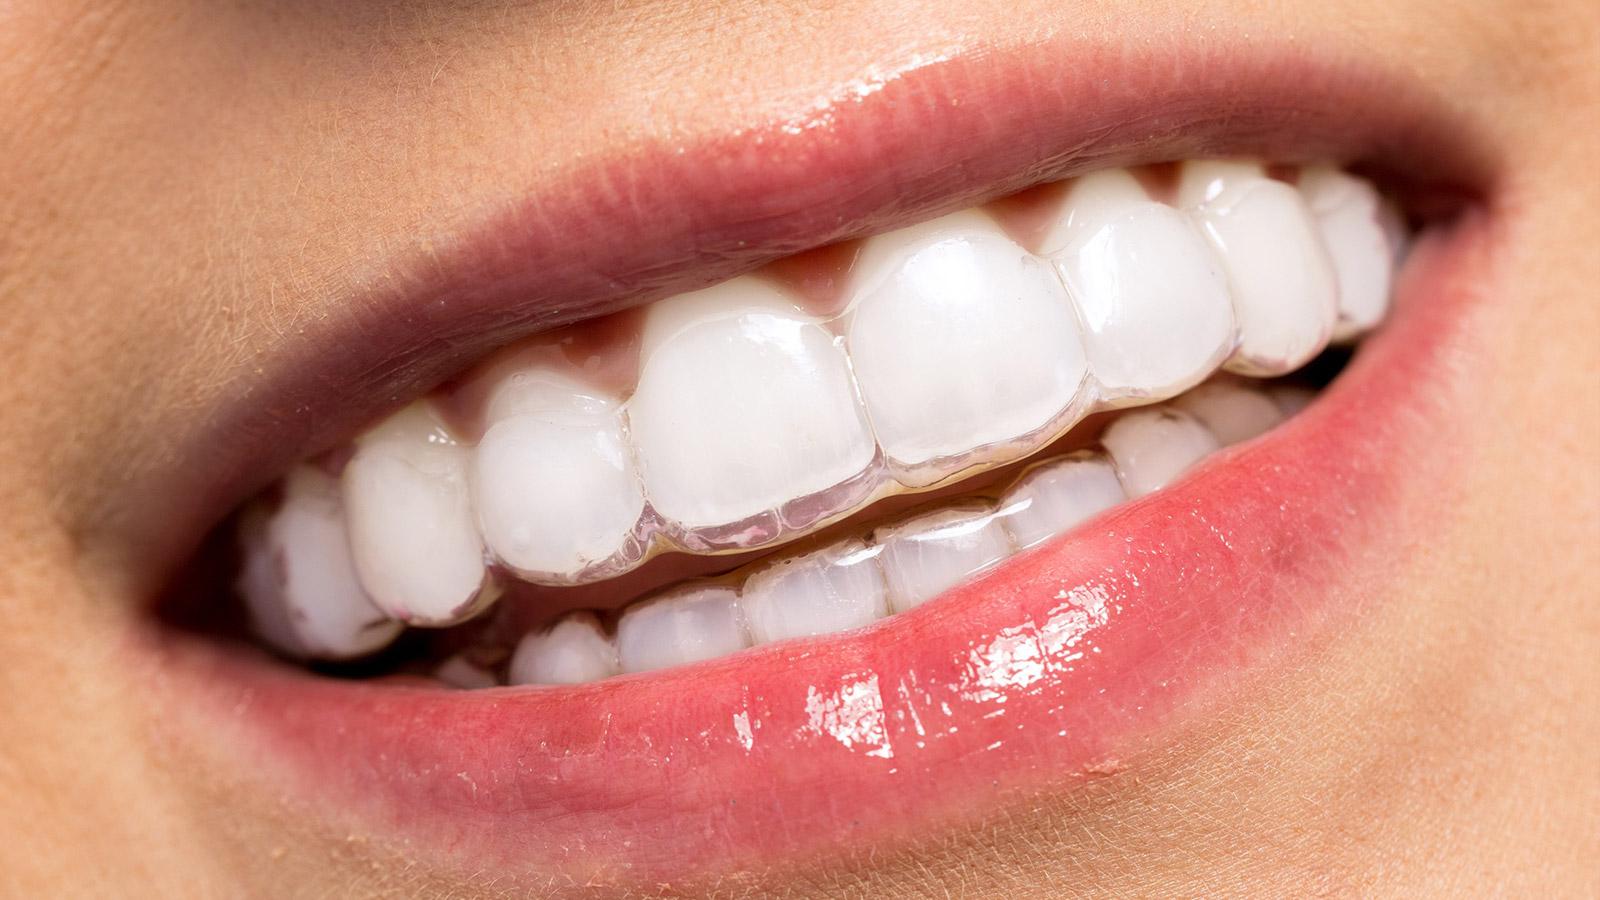 اهمیت رفع لکههای سفید بر روی دندان در ارتودنسی